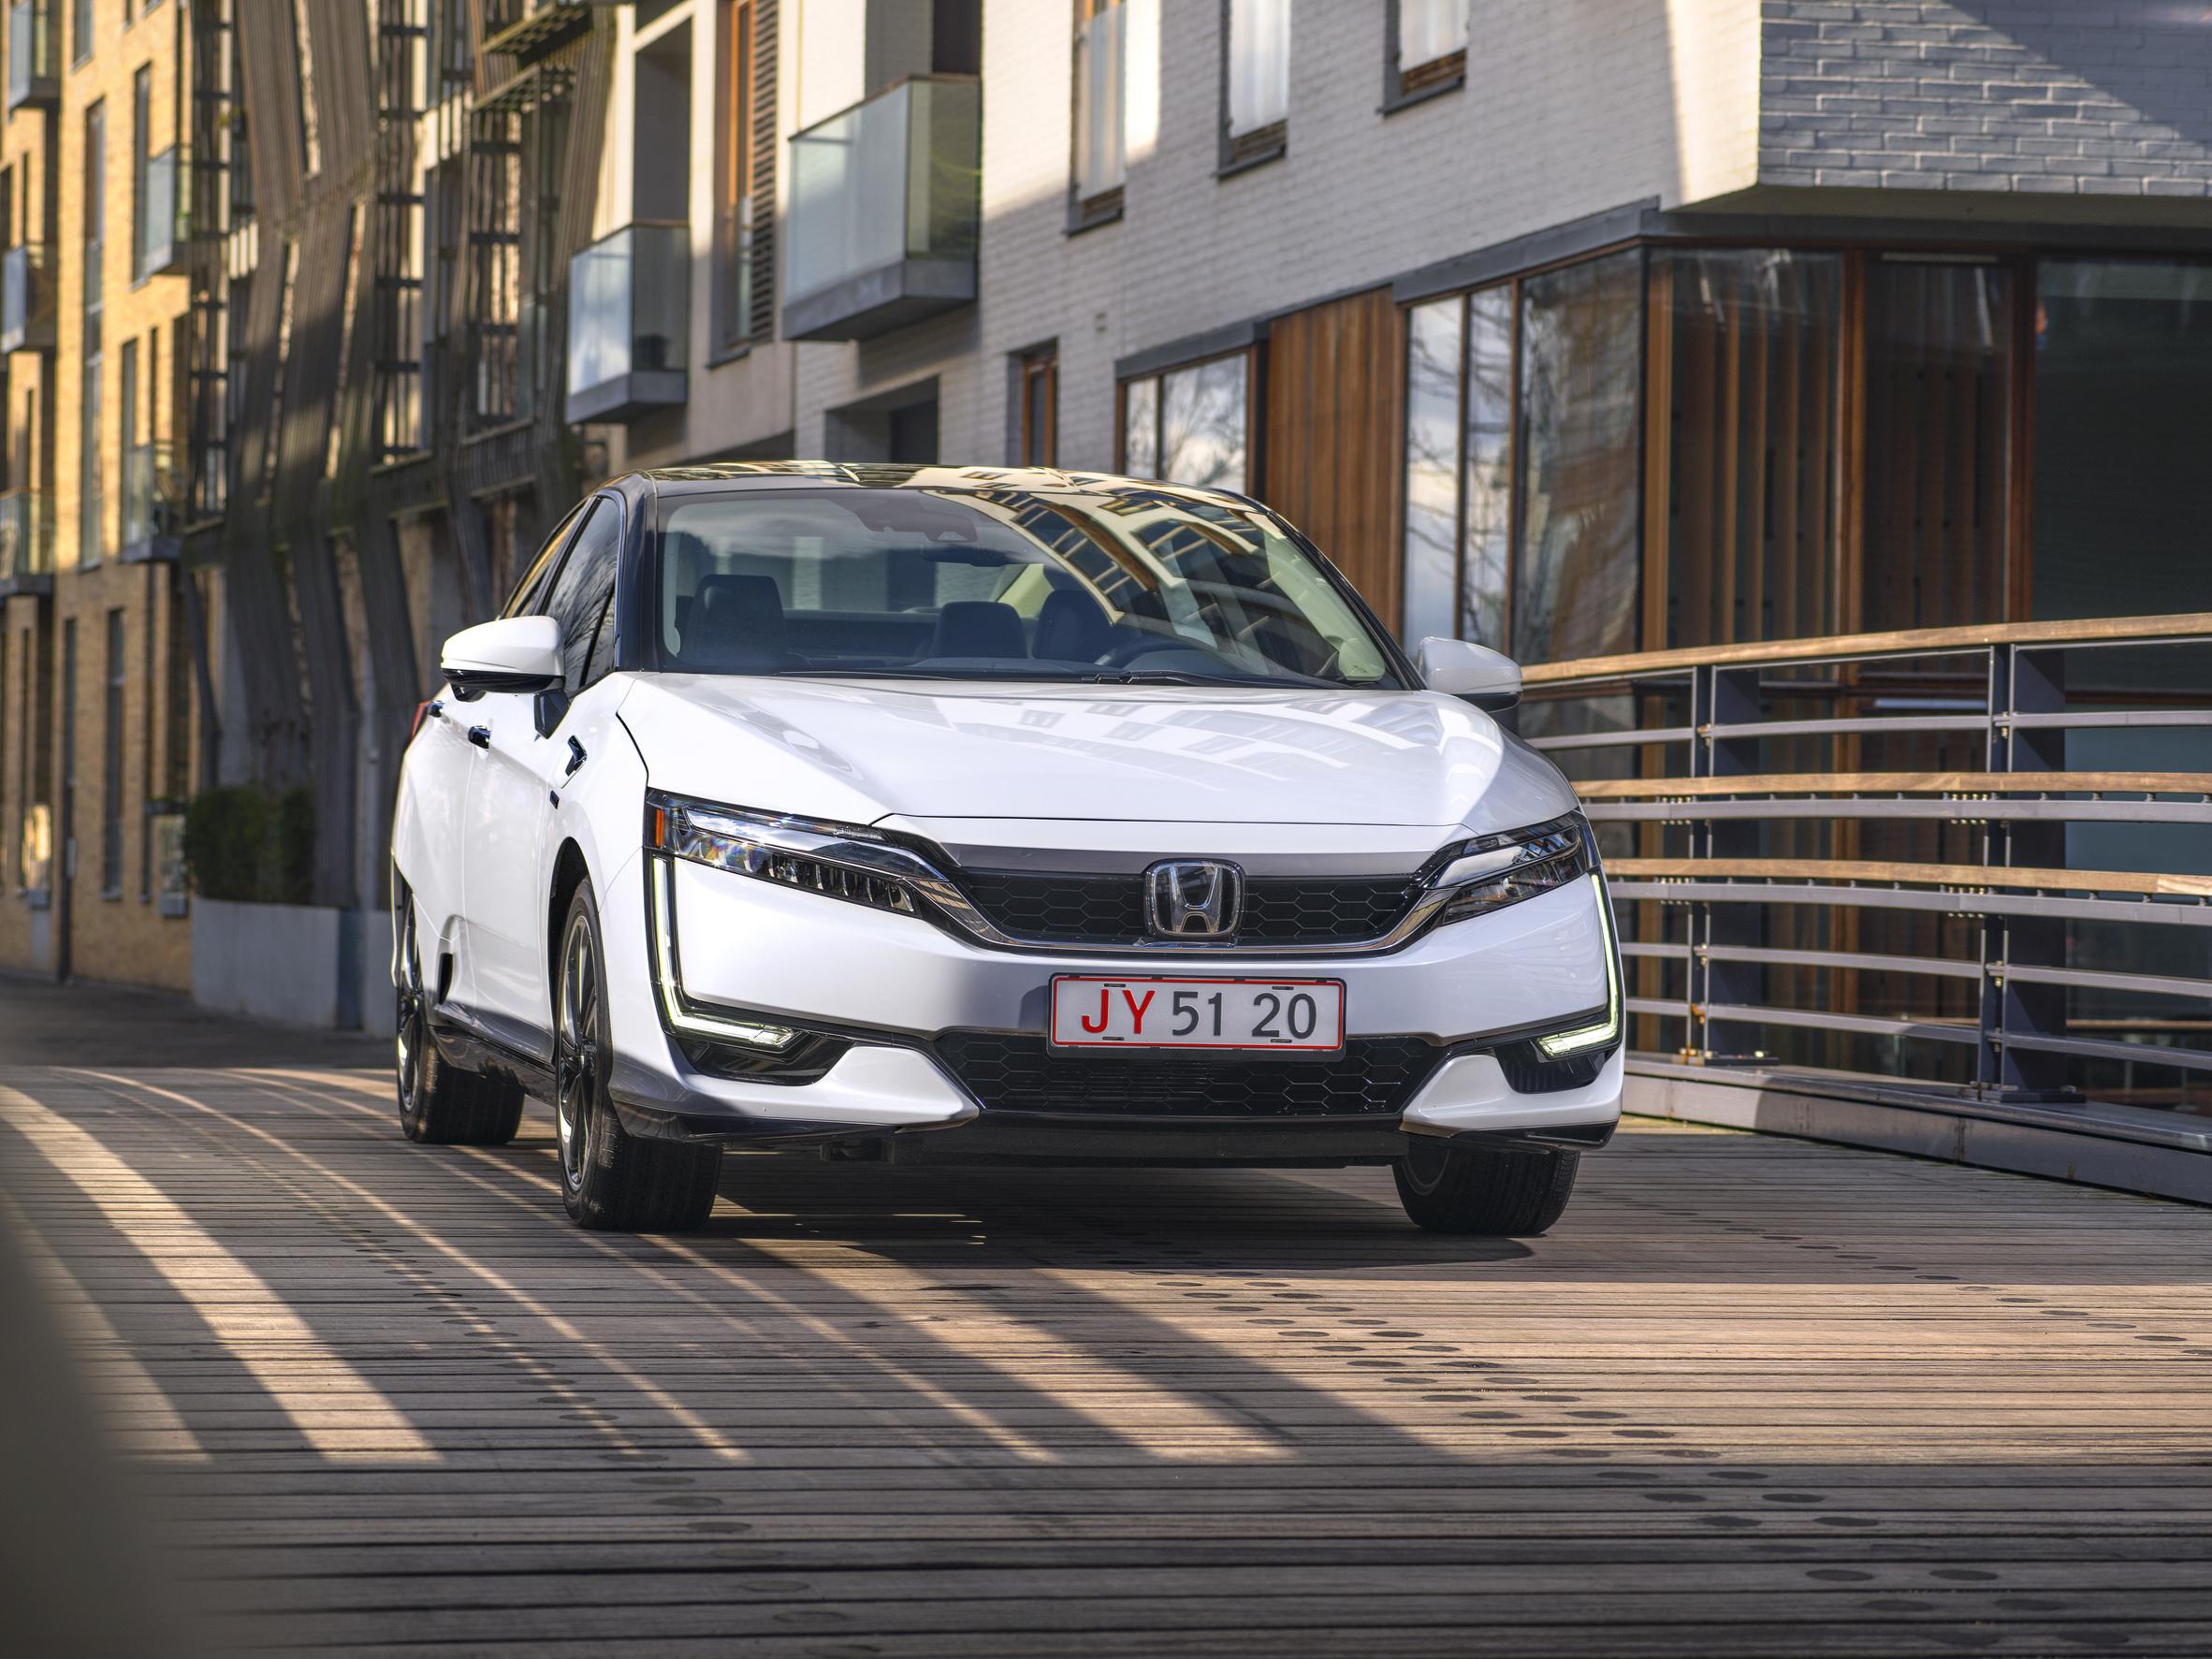 Fahrbericht Honda Clarity Fuel Cell: Ein Gruß aus der Zukunft?